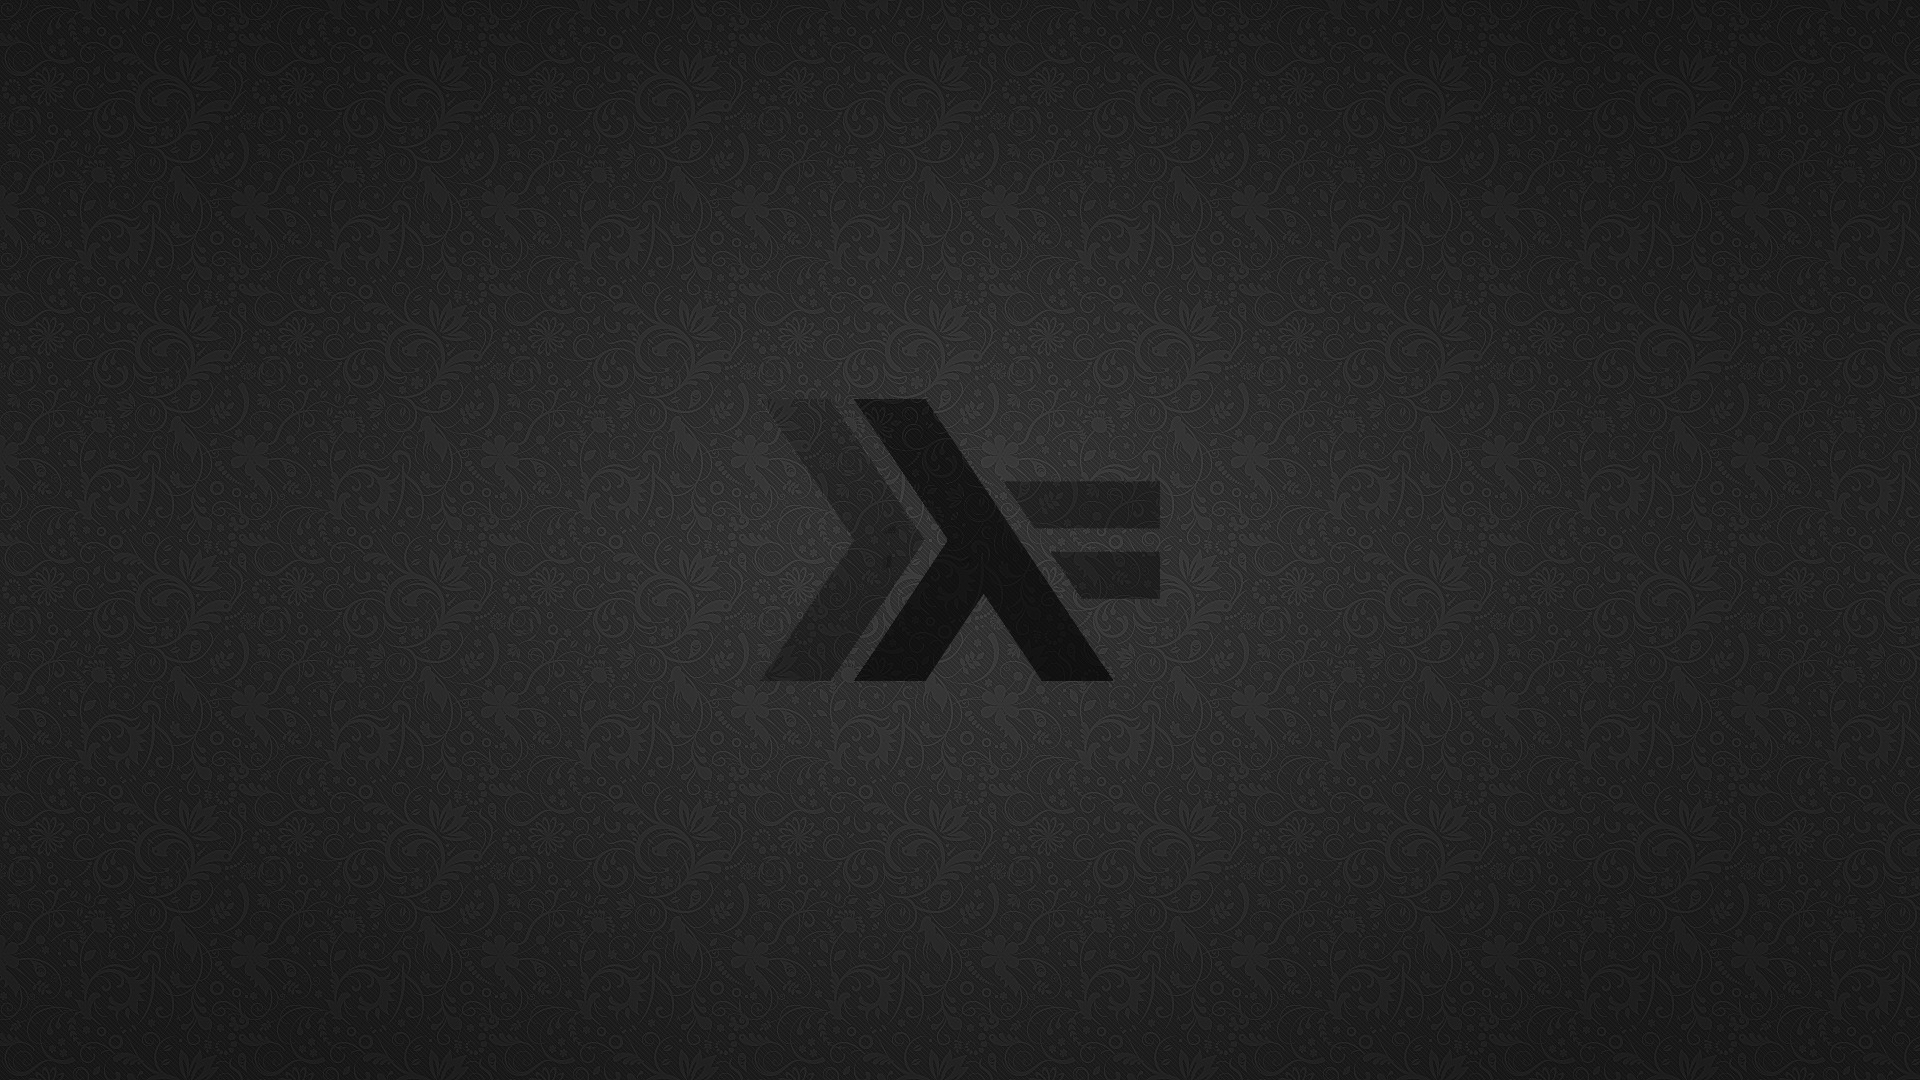 Programming Wallpaper - WallpaperSafari